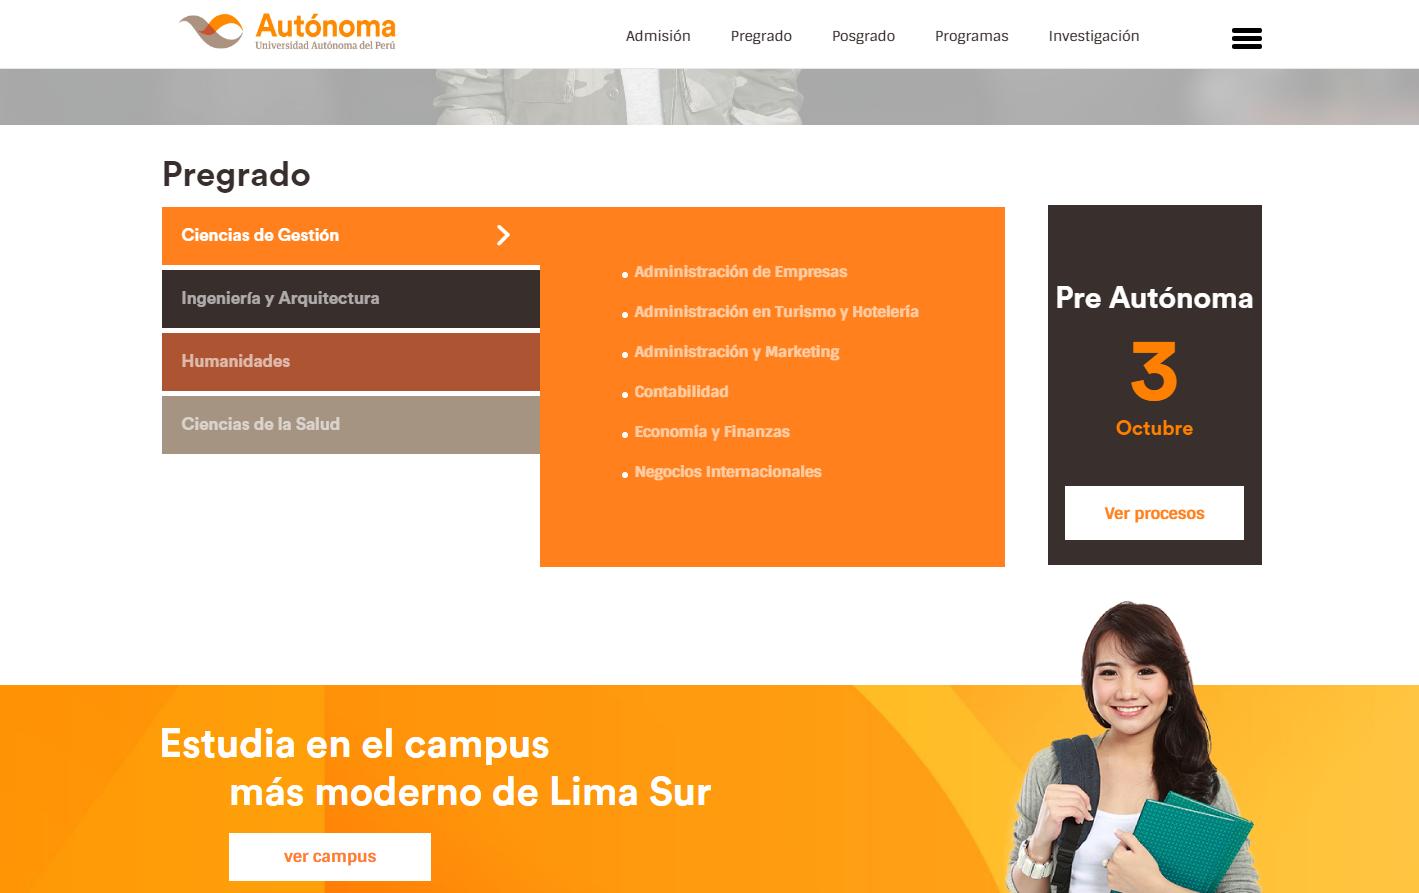 estructura-informacion-pagina-web-educativa-3